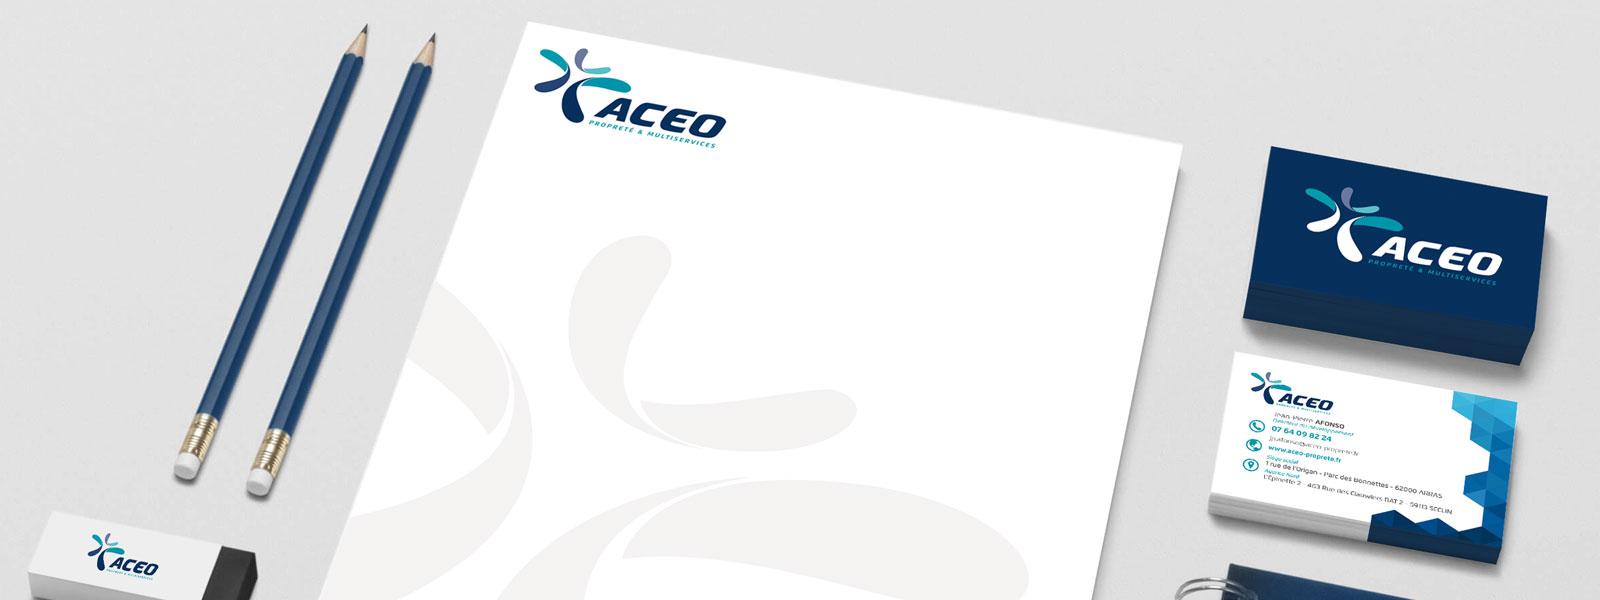 création d'une charte graphique pour la société Aceo